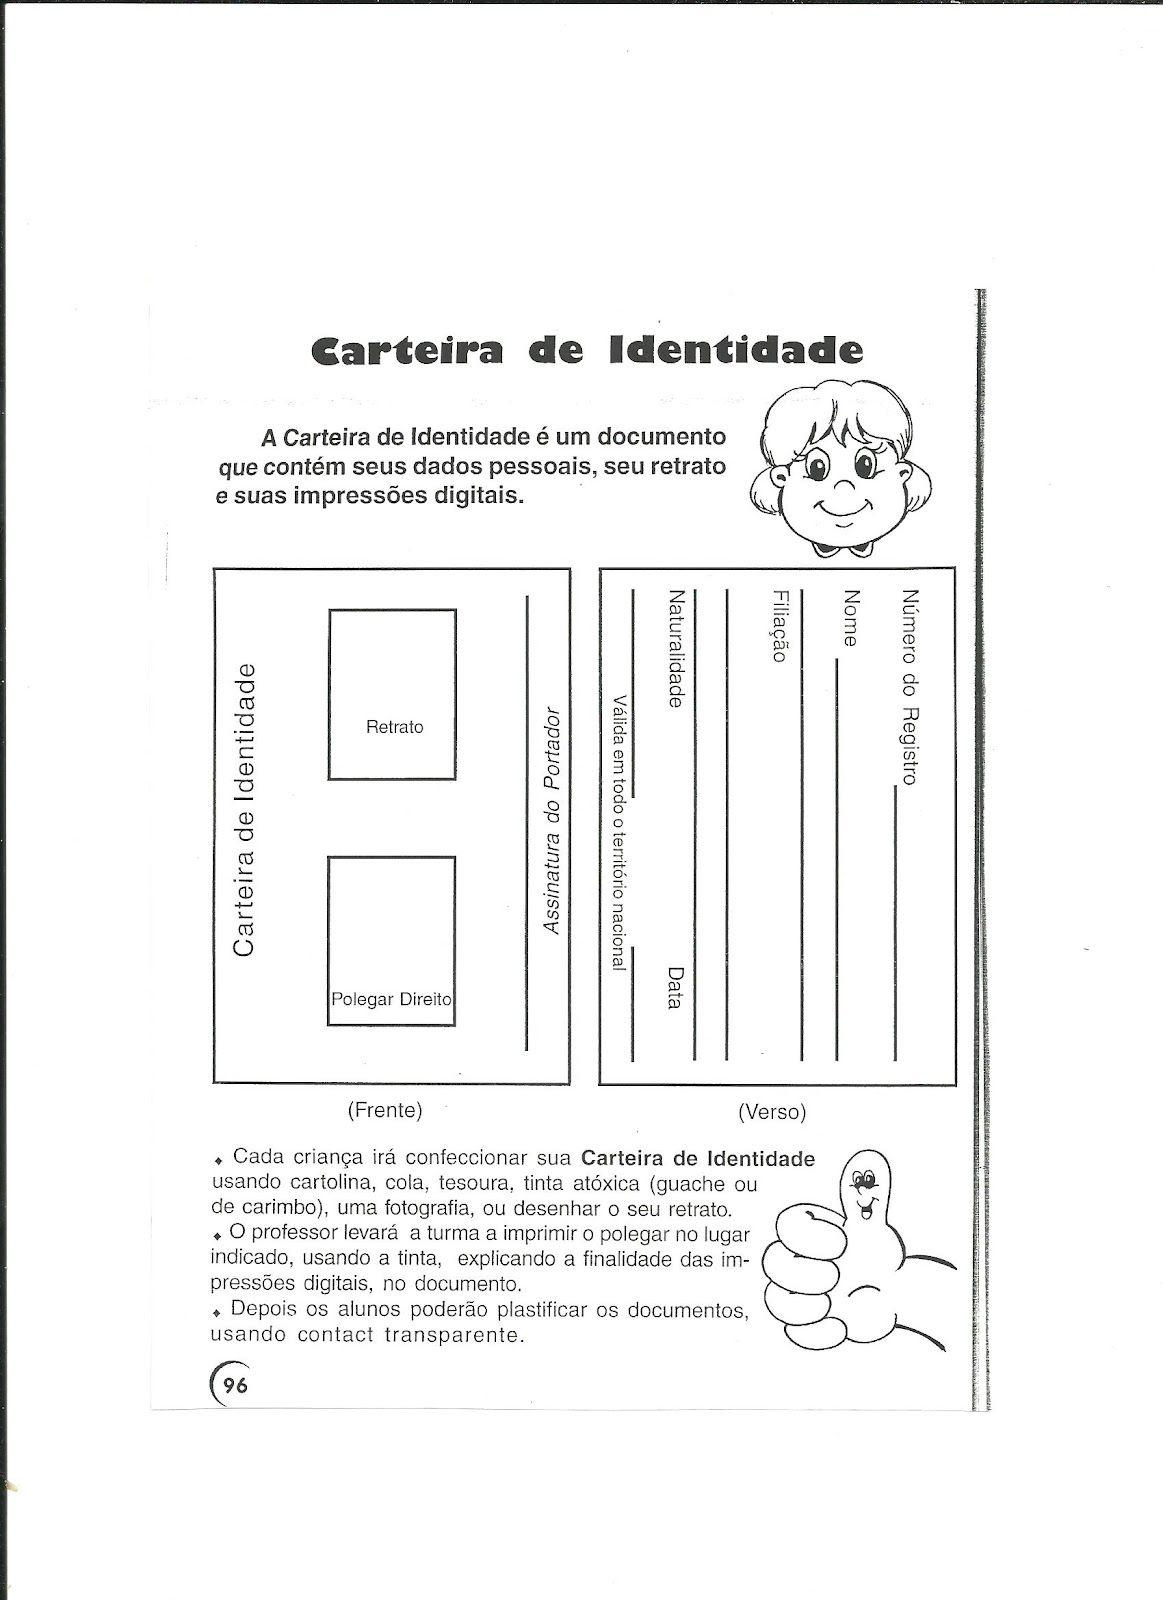 Pin De Fernanda Militao Em Adra Cidadania Com Imagens Ensino